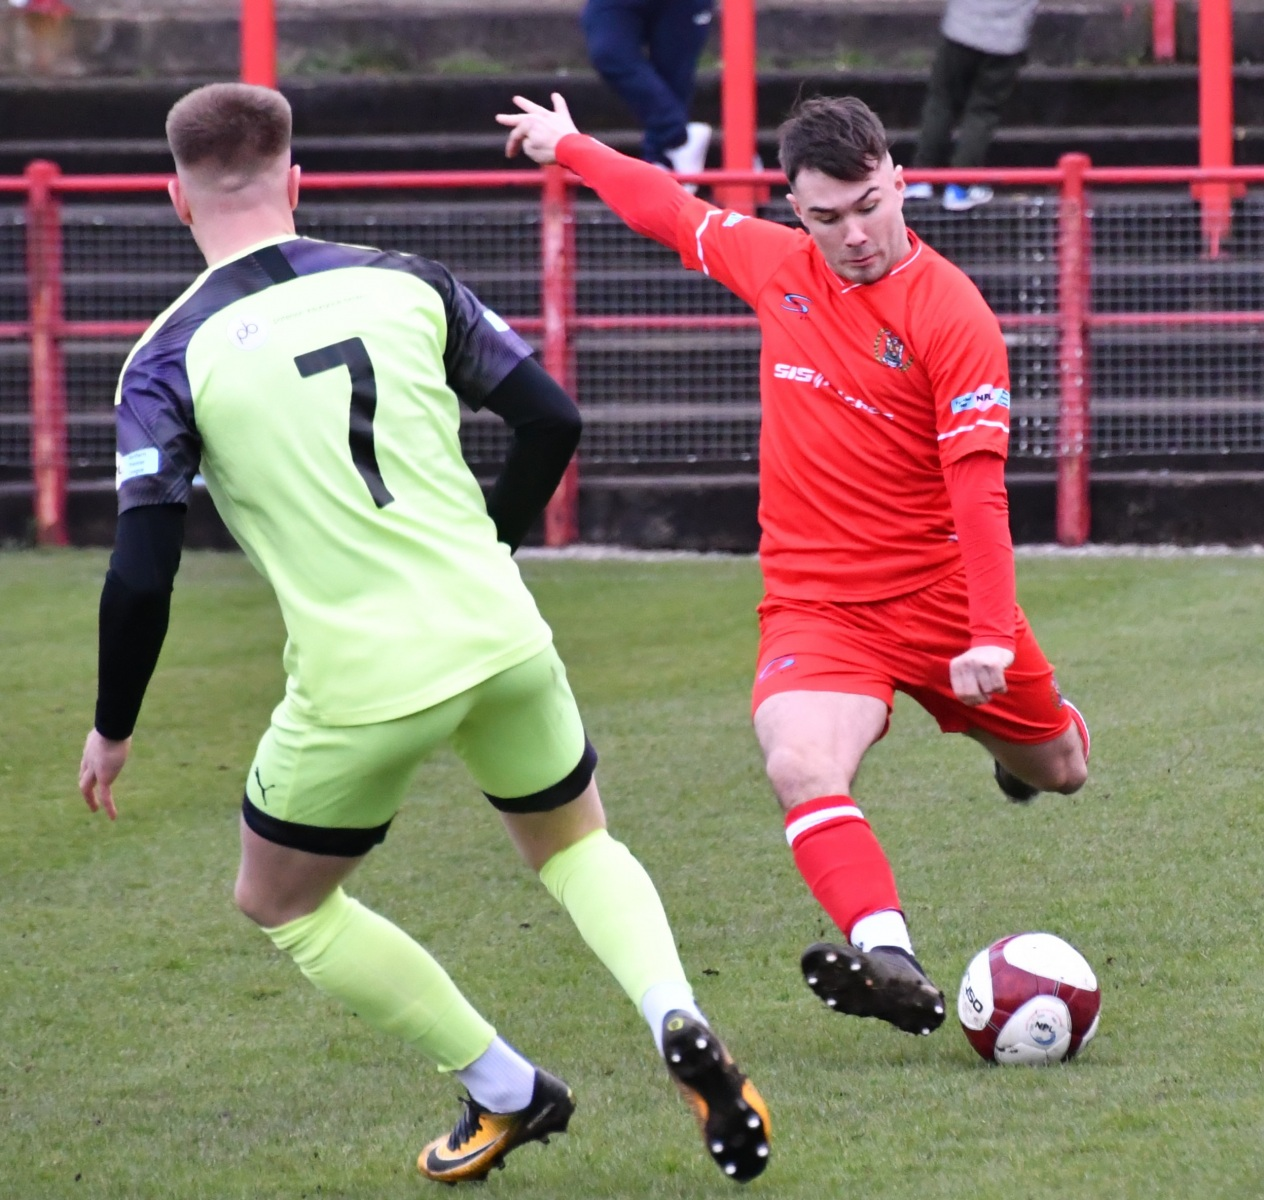 Workington-Reds-v-Ossett-Utd-Ben-Challis-2